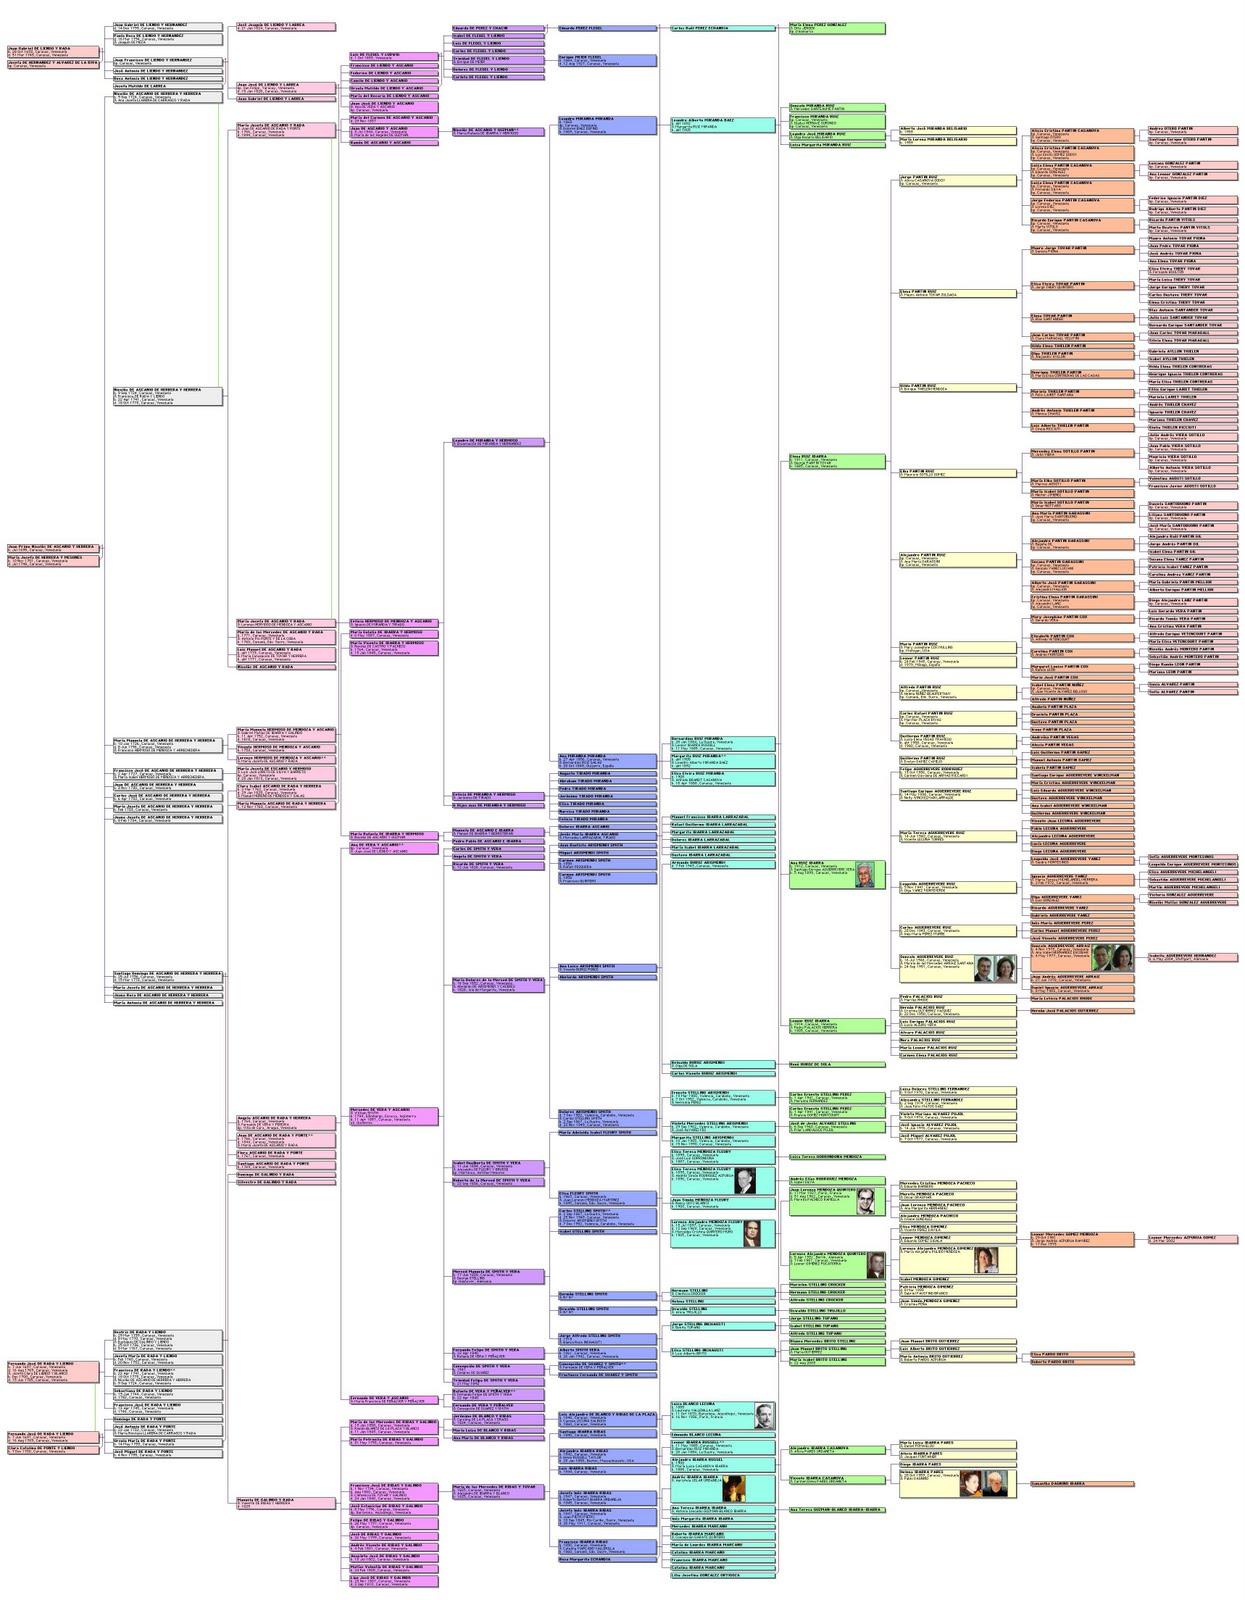 Arb  L Genealogico Elaborado Por Francisco Herrera Ter  N  Mi Primo